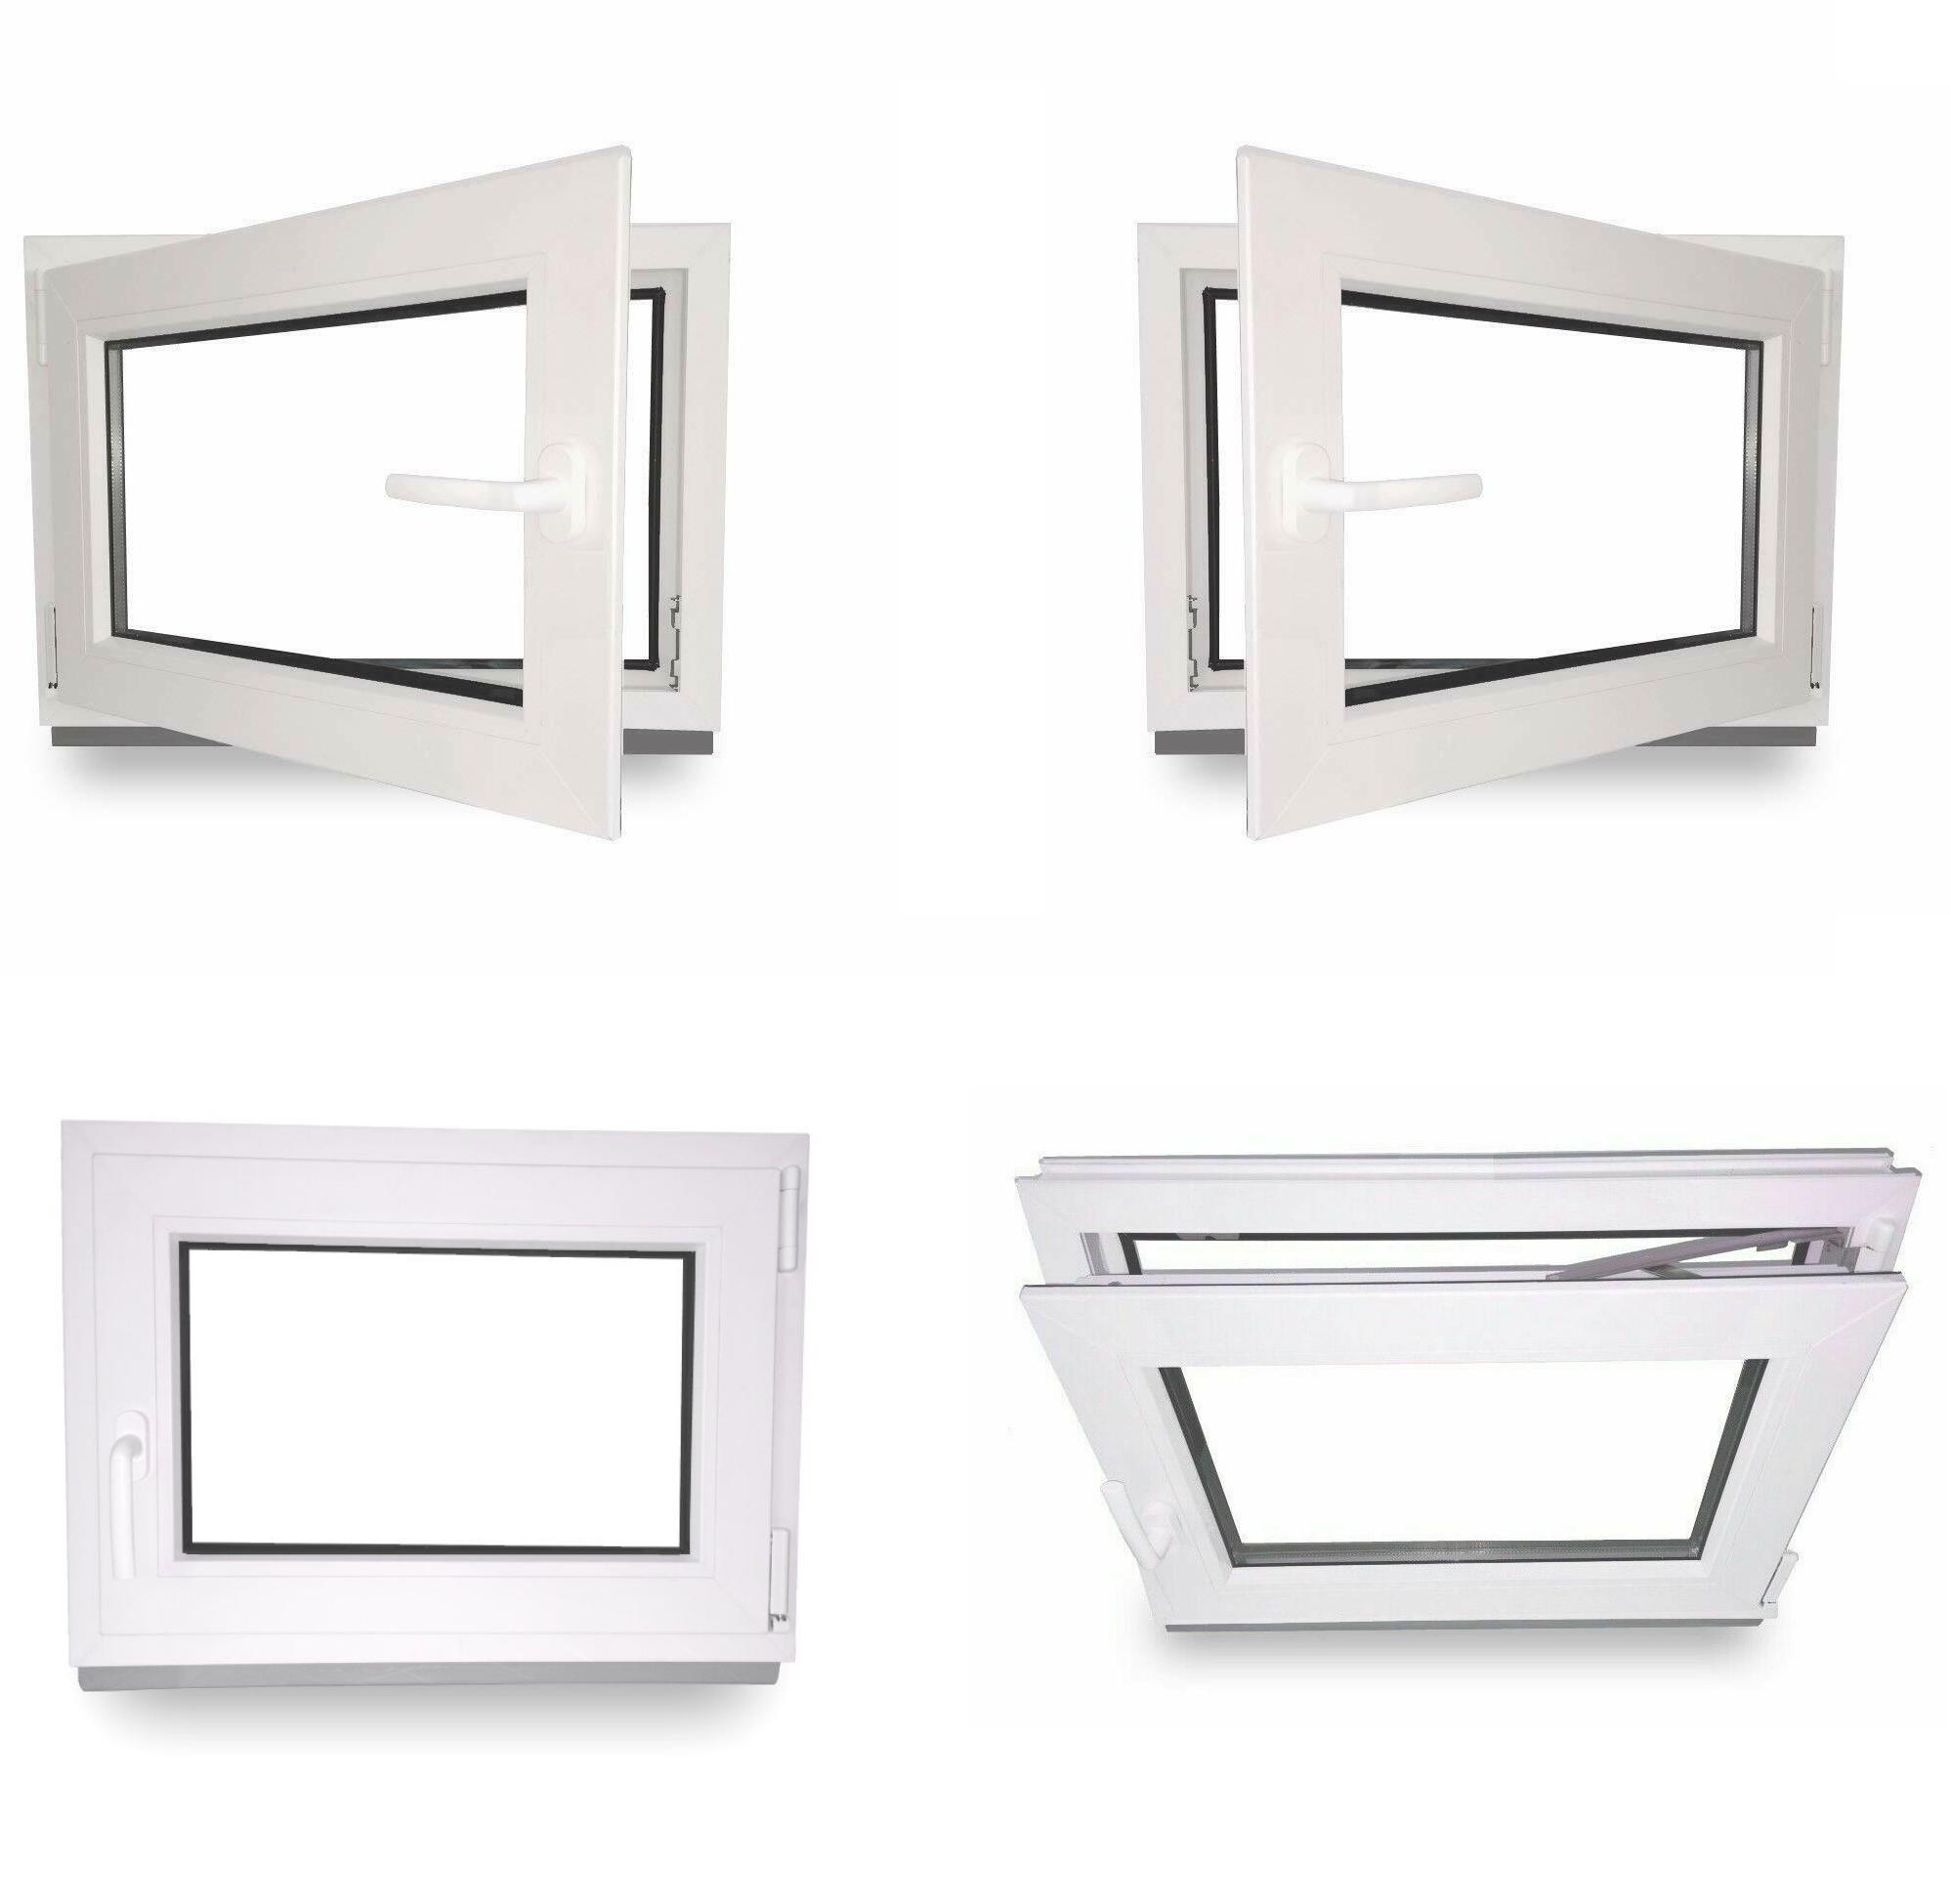 schneller Versand 2-fach-Verglasung verschiedene Ma/ße BxH: 65x45 cm DIN rechts Kunststoff Fenster Kellerfenster wei/ß 60mm Profil